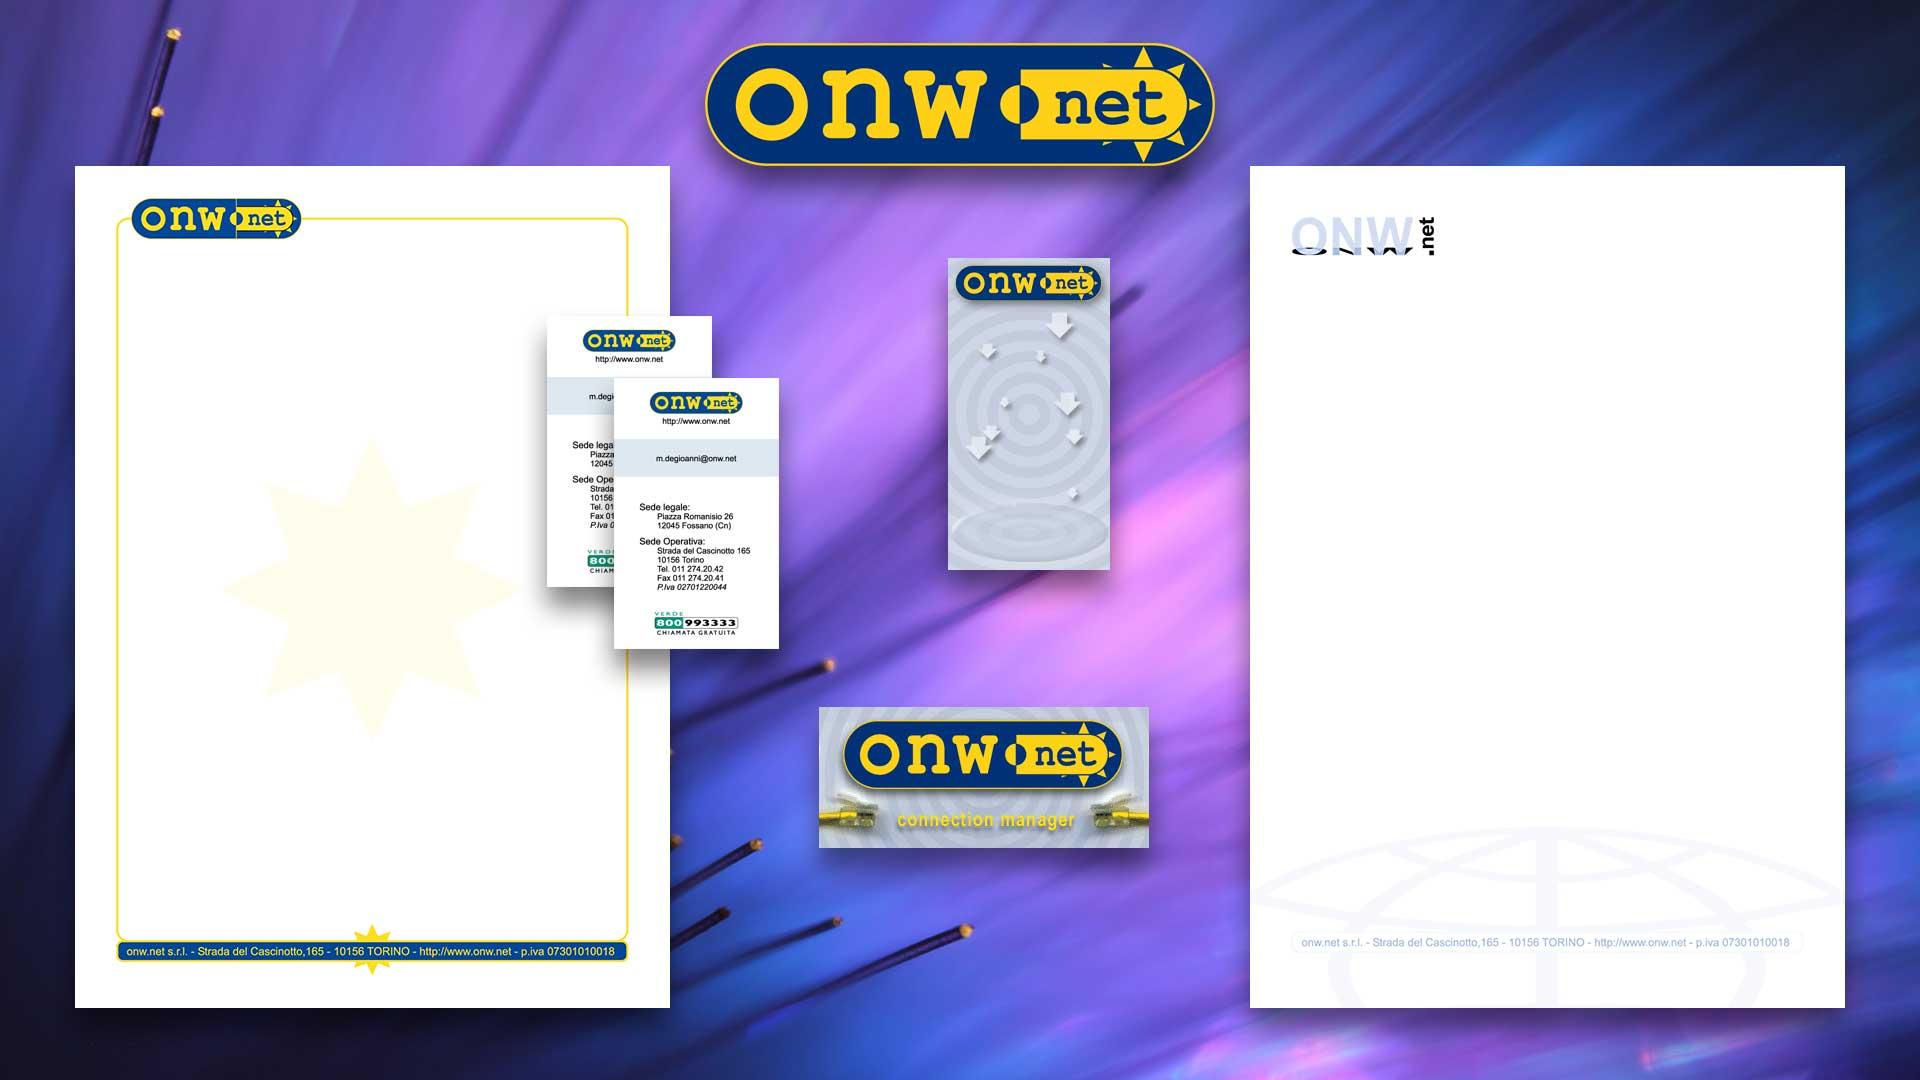 ONW.net